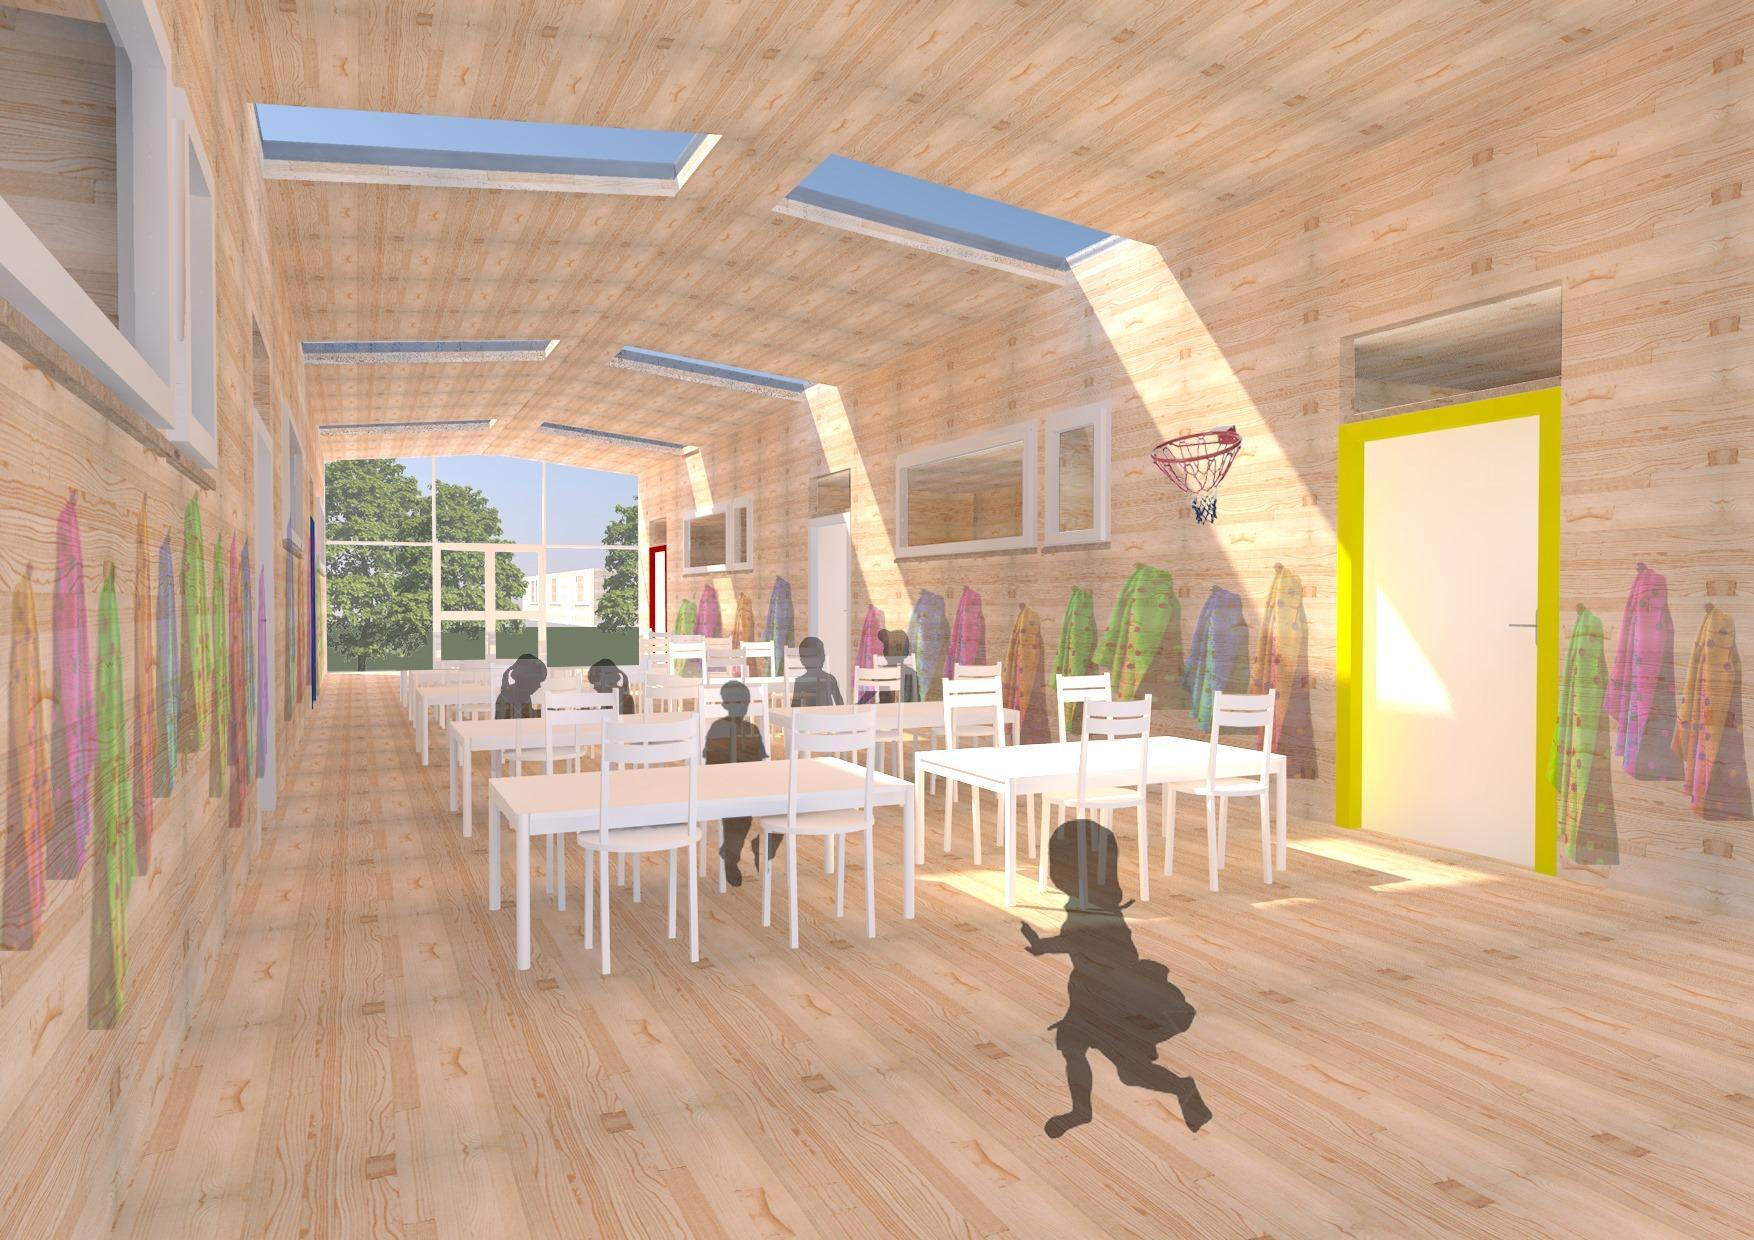 modular-bauen-beispiel-kindergarten-foyer-2